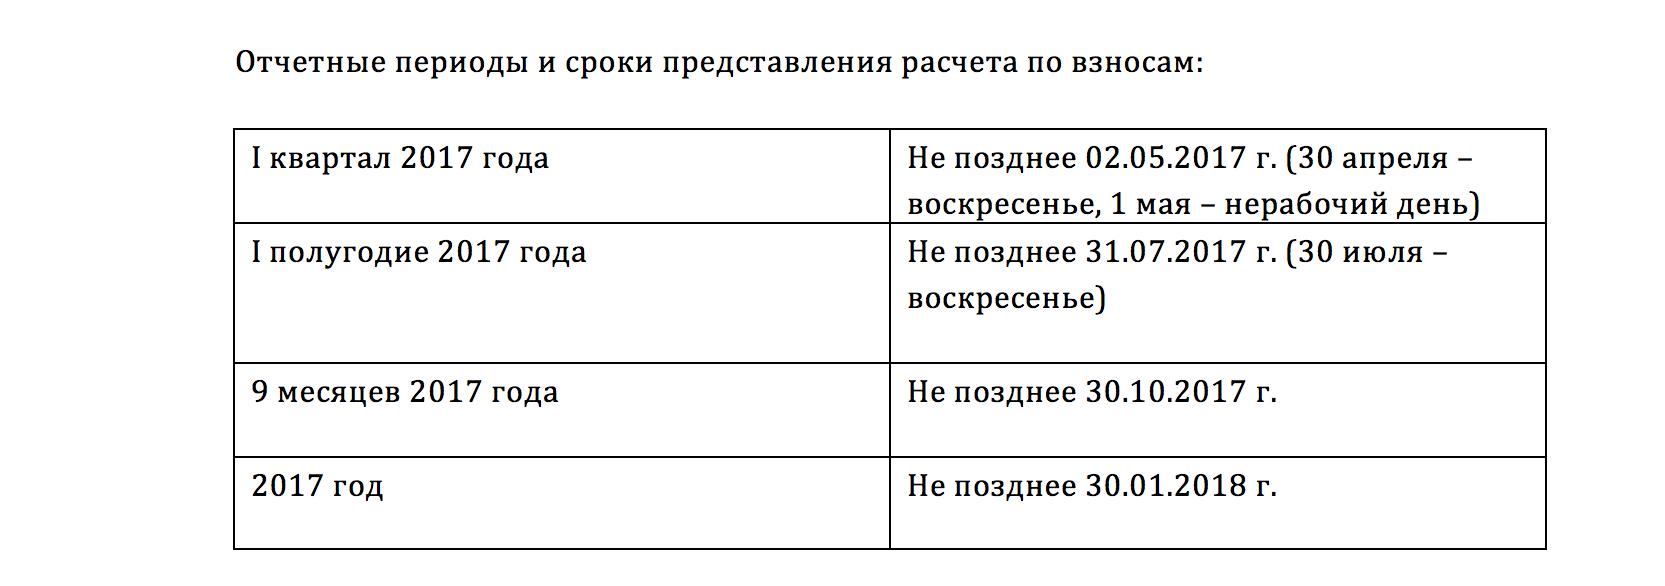 отчетные периоды и сроки представления расчета по взносам в 2017 году, подсказки перевозчикам